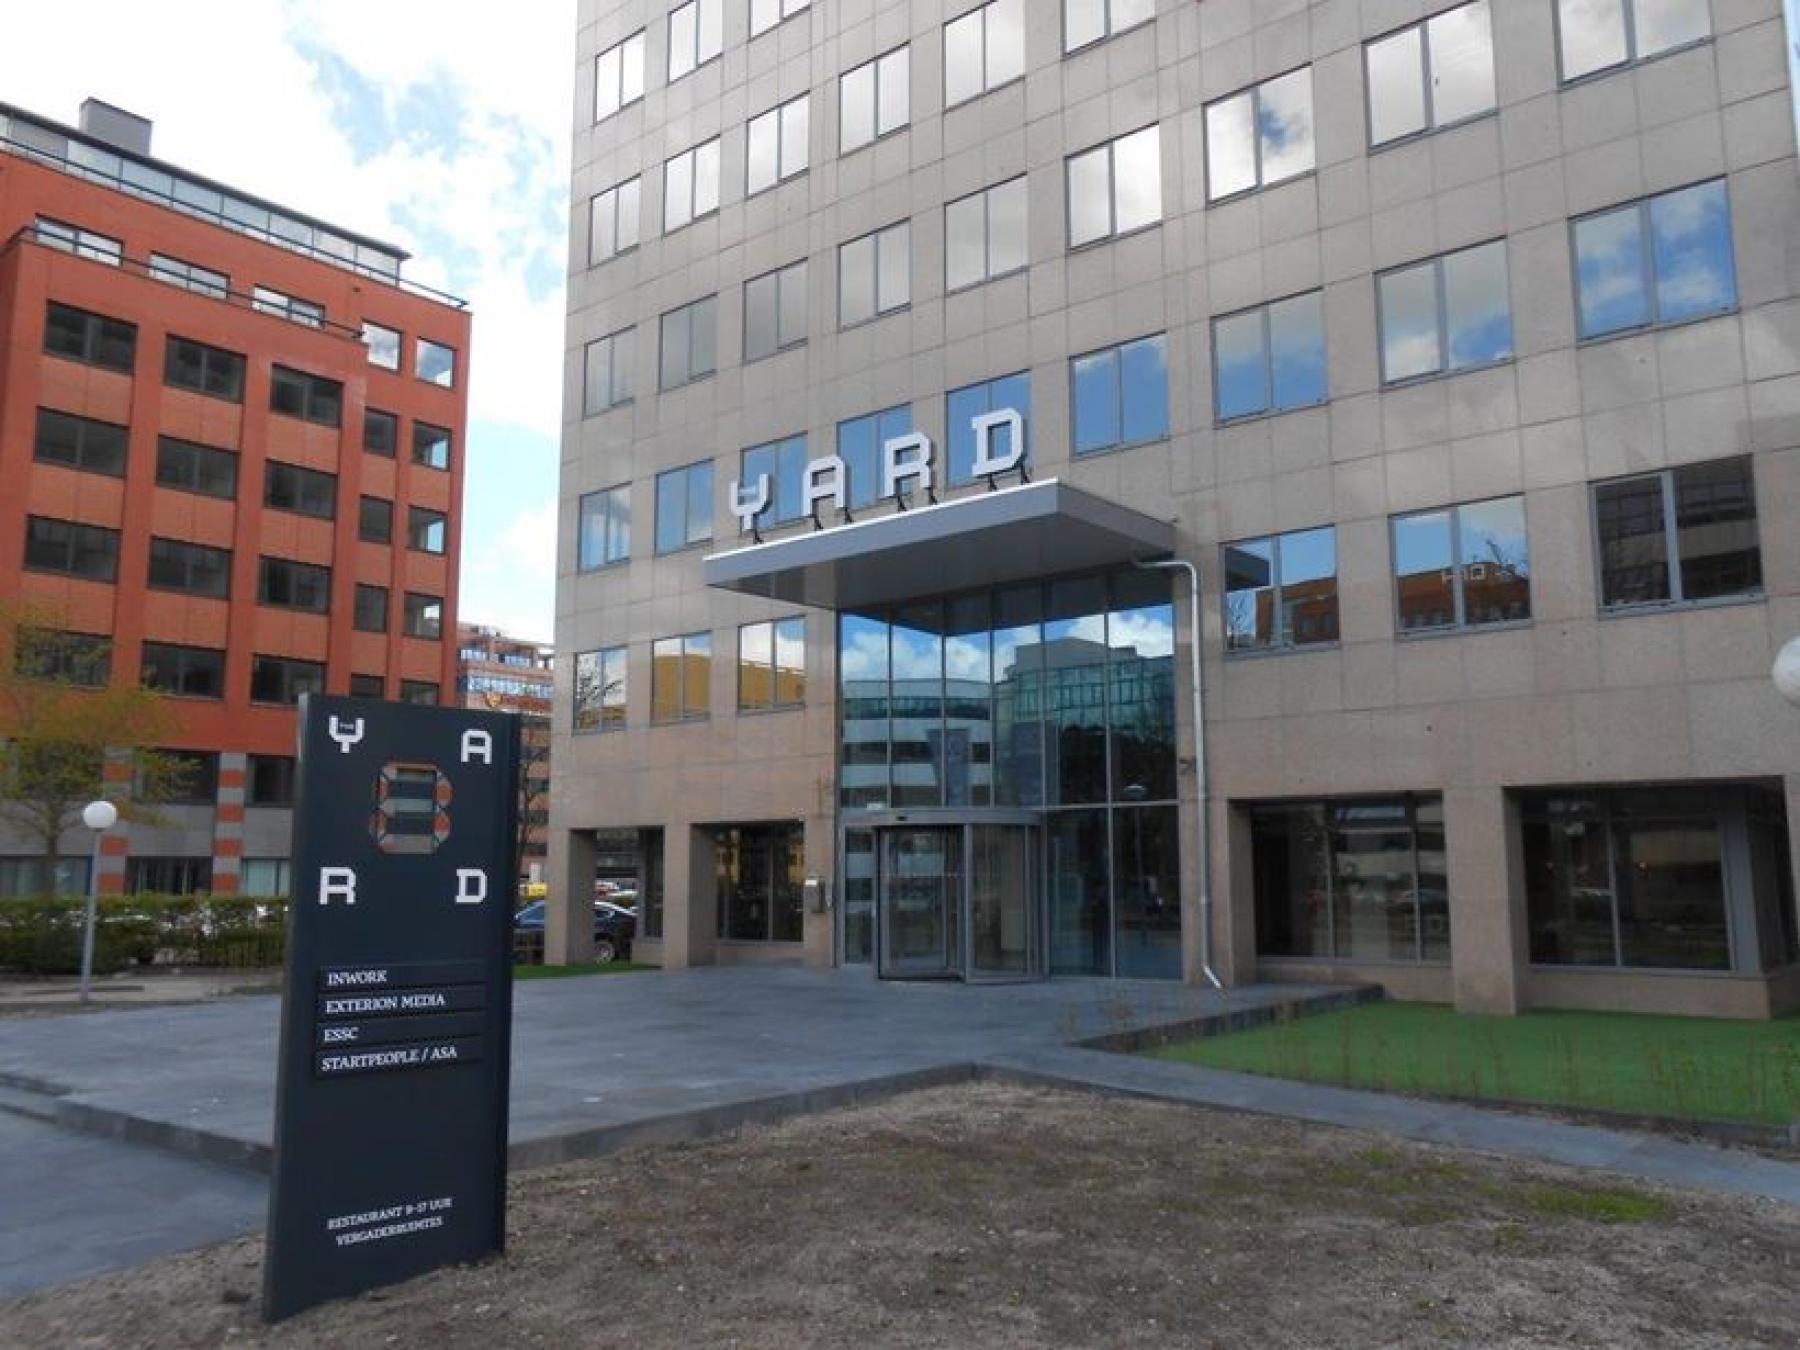 ingang kantoorgebouw amsterdam zuidoost ramen entree